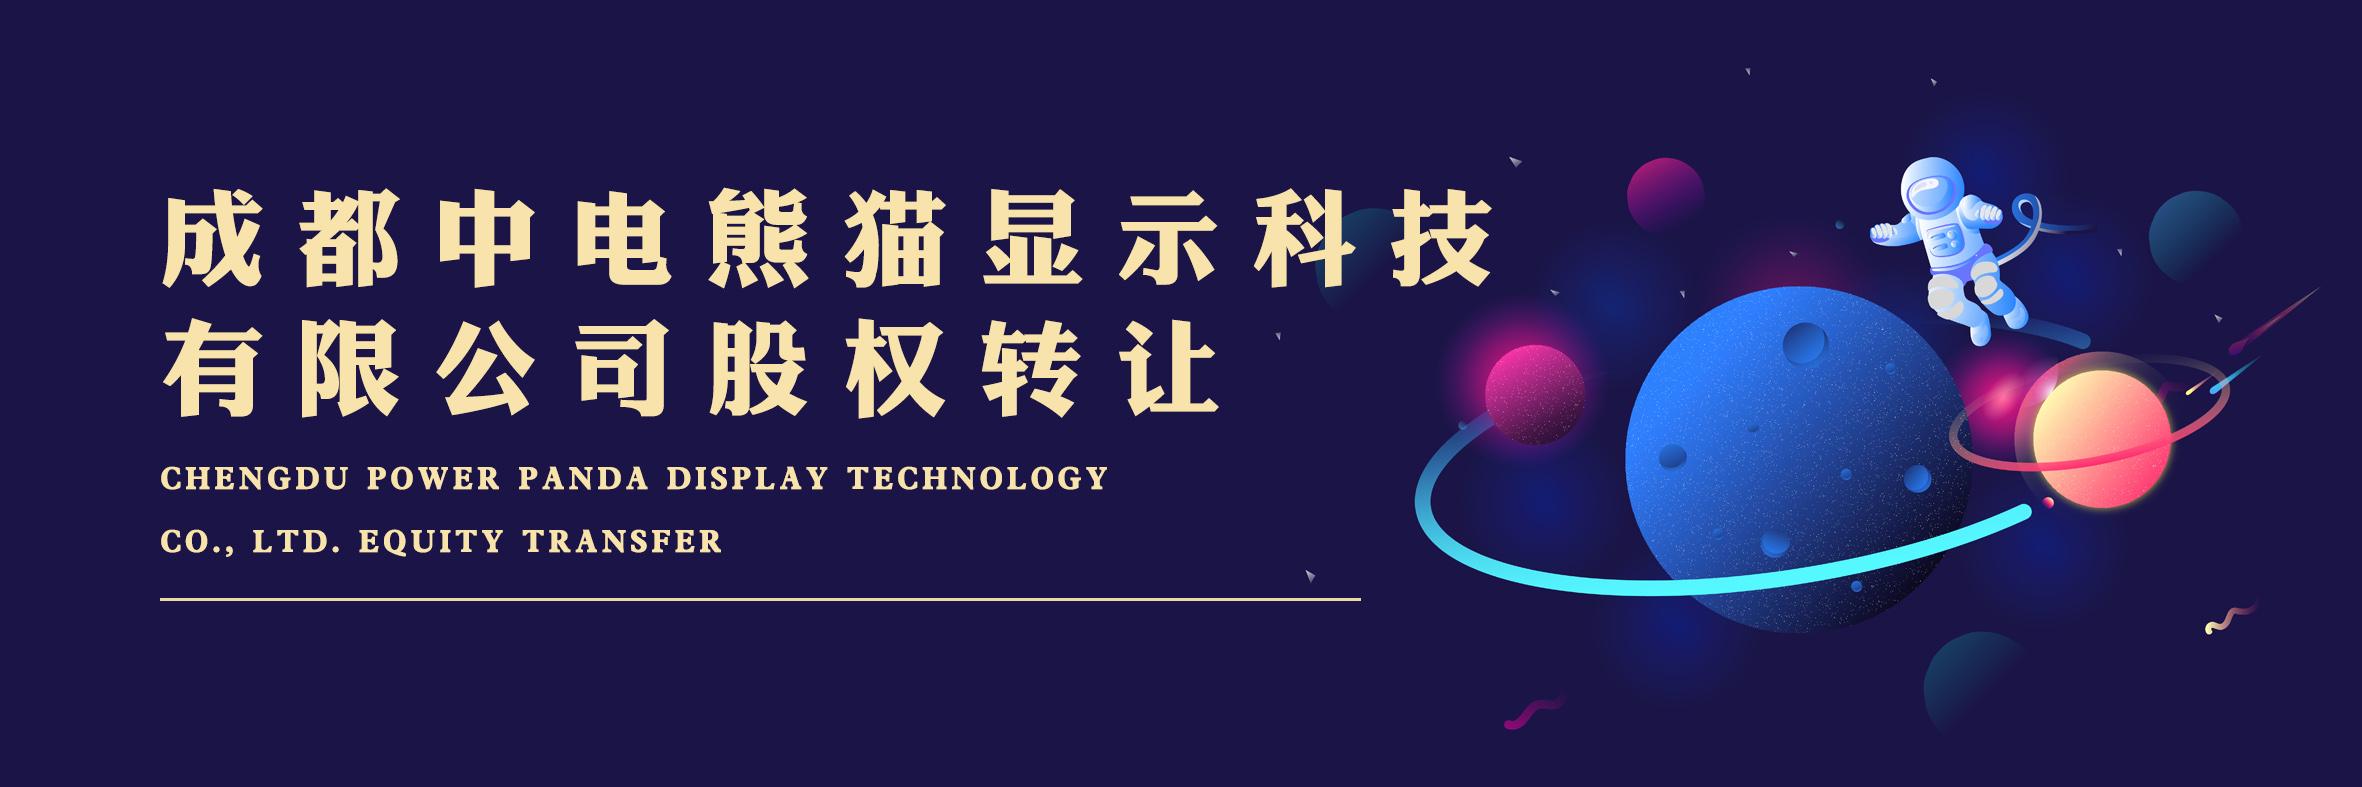 成都中电熊猫显示科技有限公司股权转让